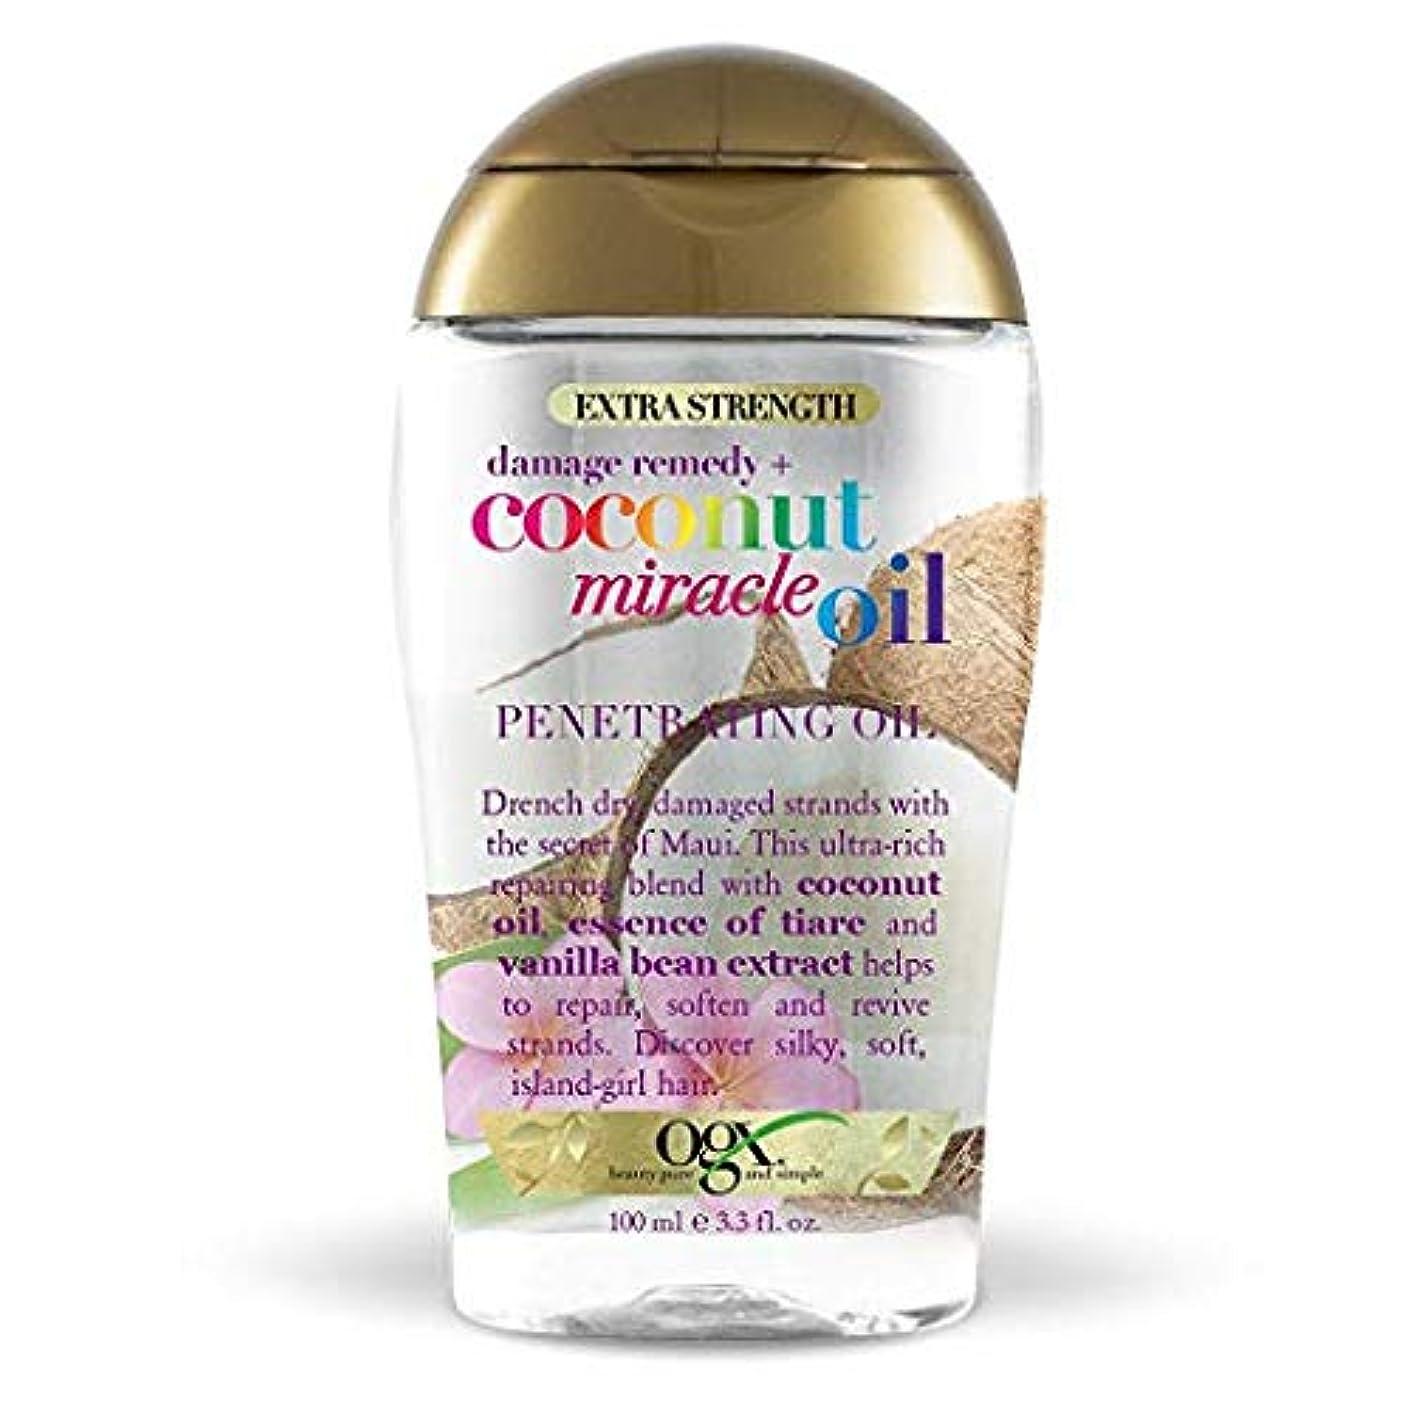 喜びセミナートマトOgx Penetrating Oil Coconut Miracle Oil Extra Strength 3.3oz OGX ココナッツミラクルオイル エクストラストレングス ペネトレーティング オイル 100ml...